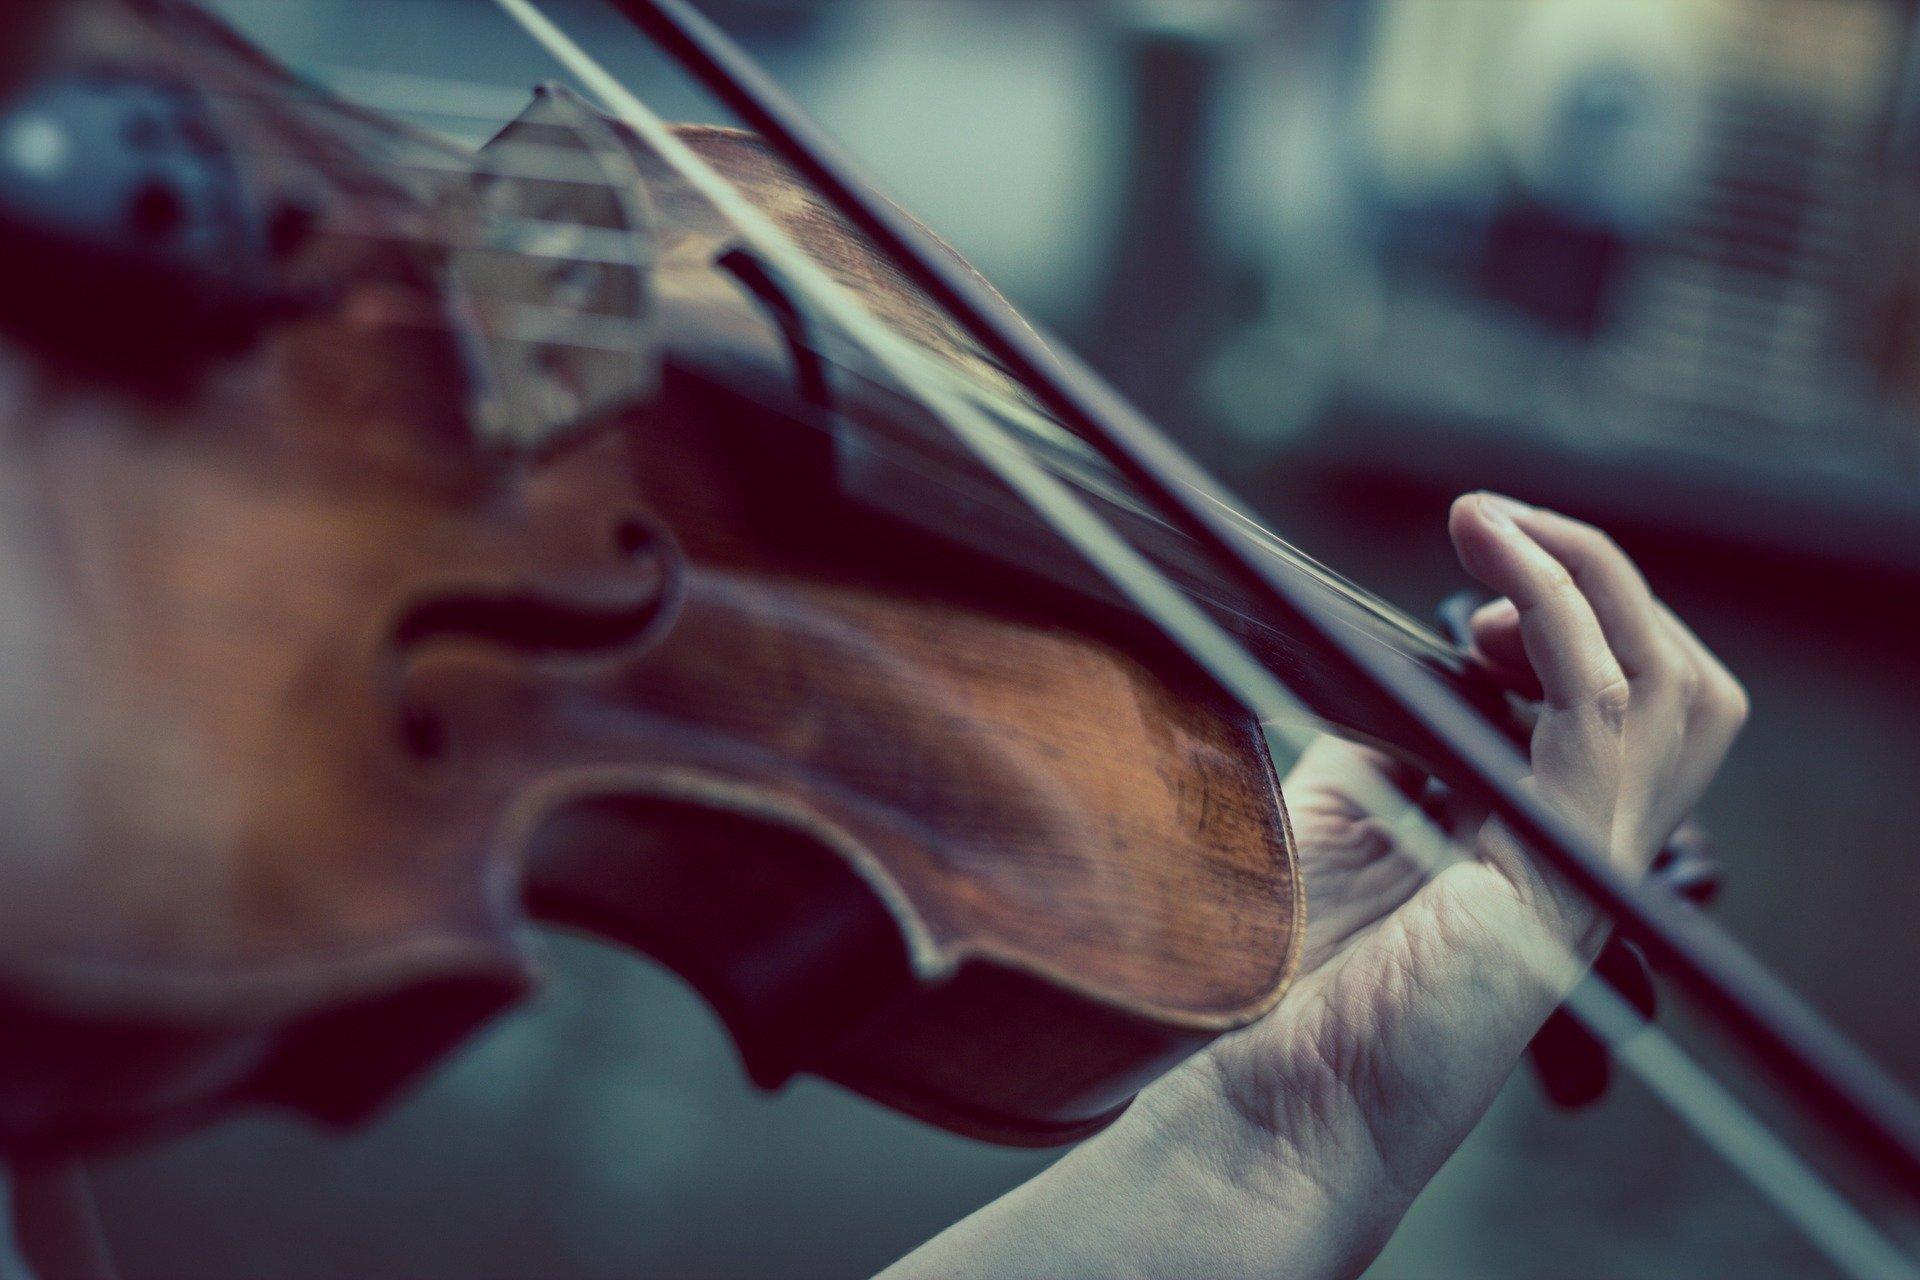 Eine Geigenspielerin beim Musizieren.